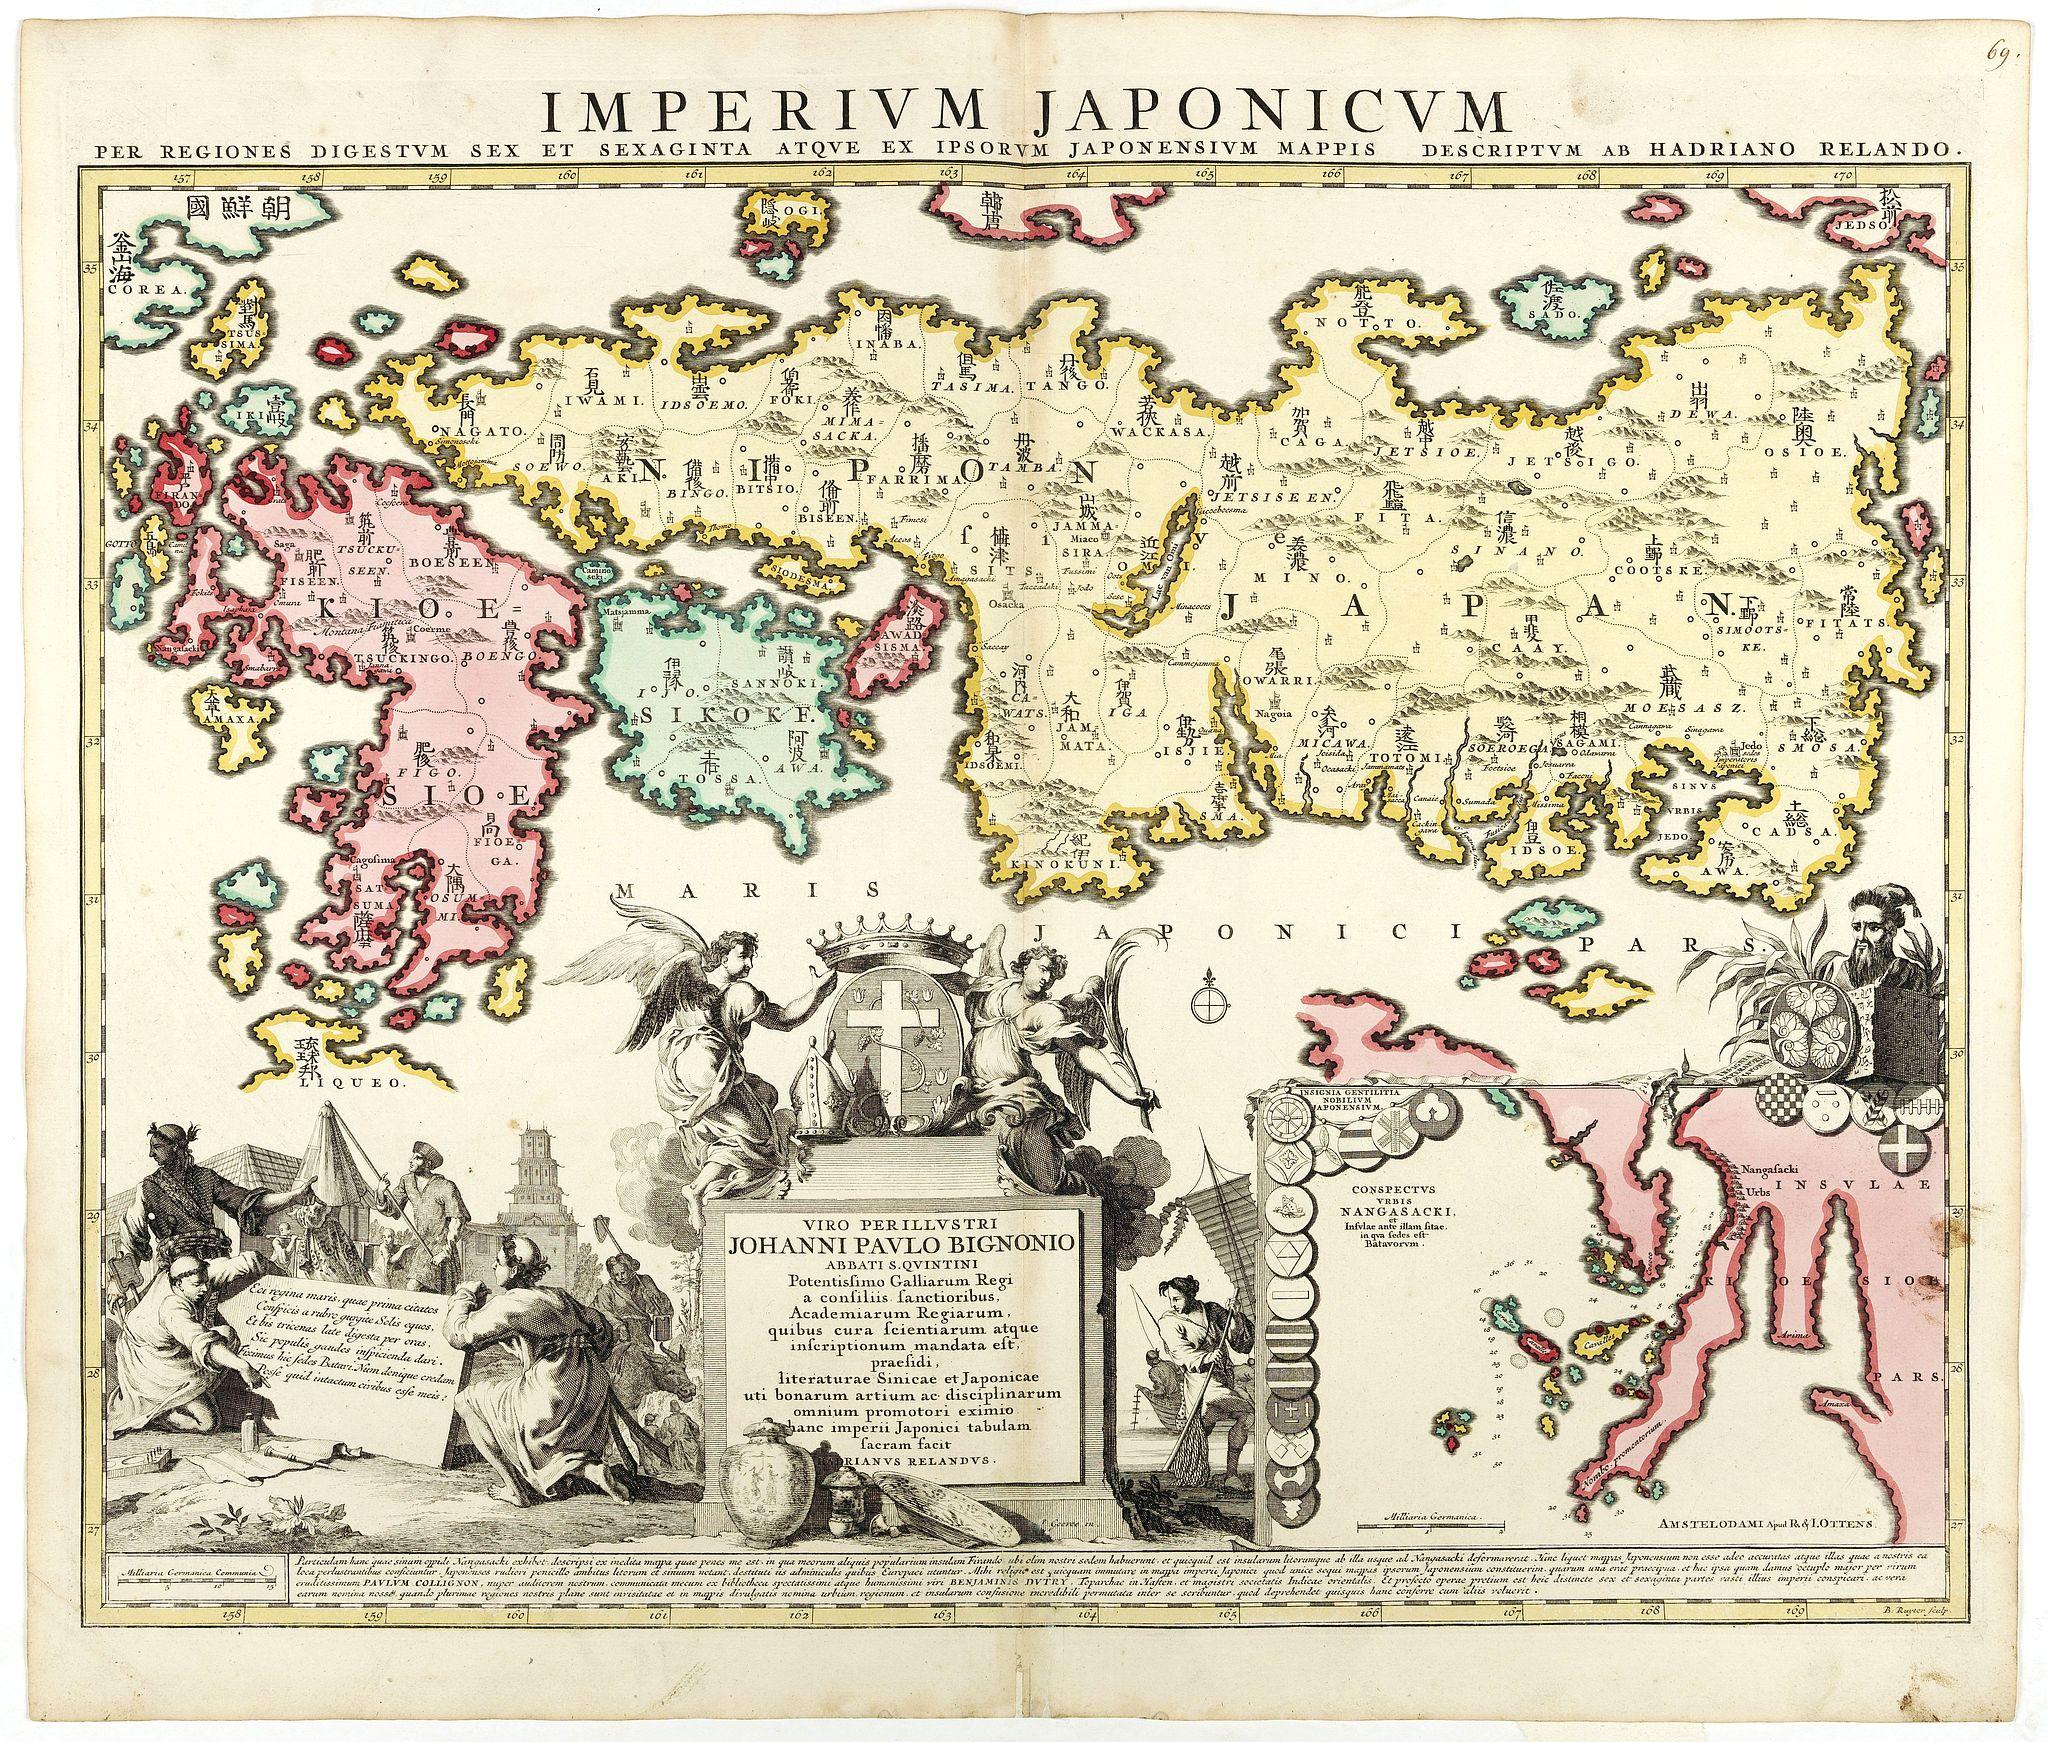 OTTENS, R. / J. / KAEMPFER, E. -  [Complete set of maps of Japan]  Imperium Japonicum Per Regiones Digestum Sex et Sexaginta Atque Ipsorum Japonensium Mappis Descriptum Ab Hadriano Relando.